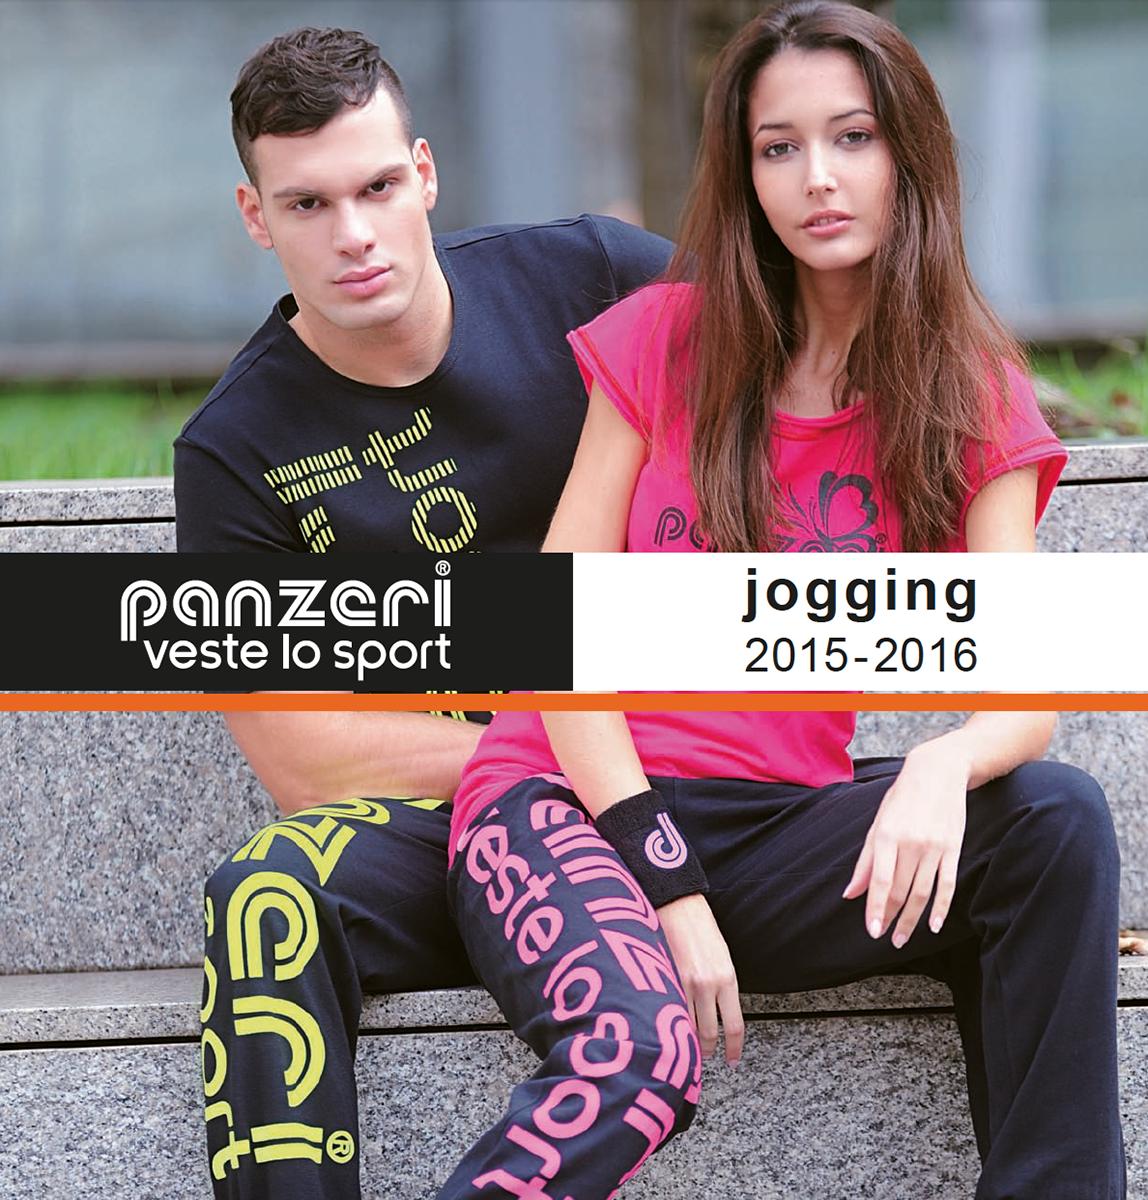 Panzeri-Urheiluvaatteet-Jogging2015-kuvasto